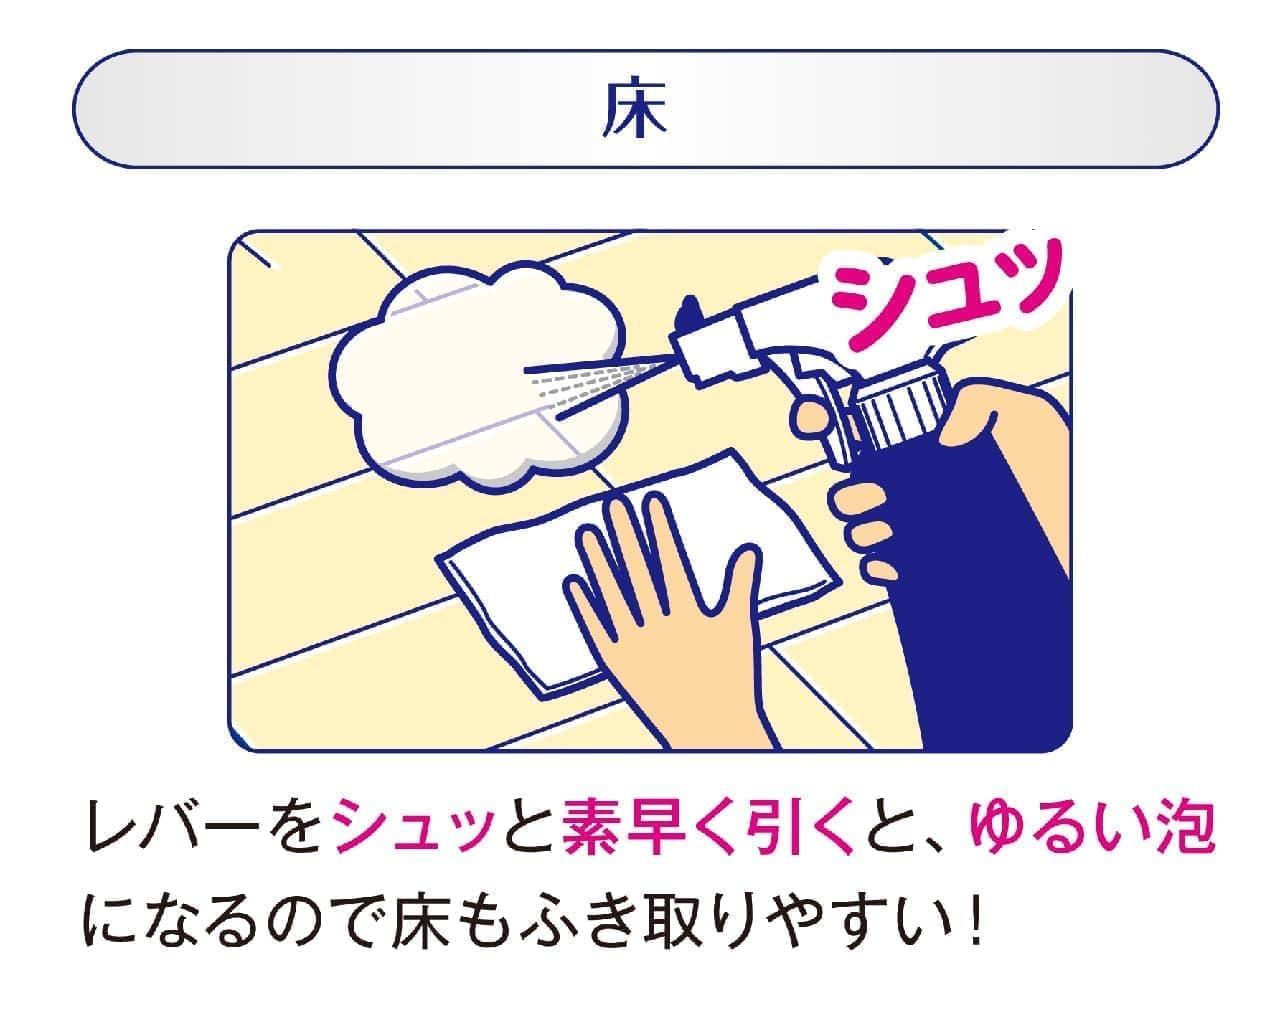 「ルックプラス 泡ピタ トイレ洗浄スプレー」ライオンから -- 便器のフチ裏掃除も手軽に